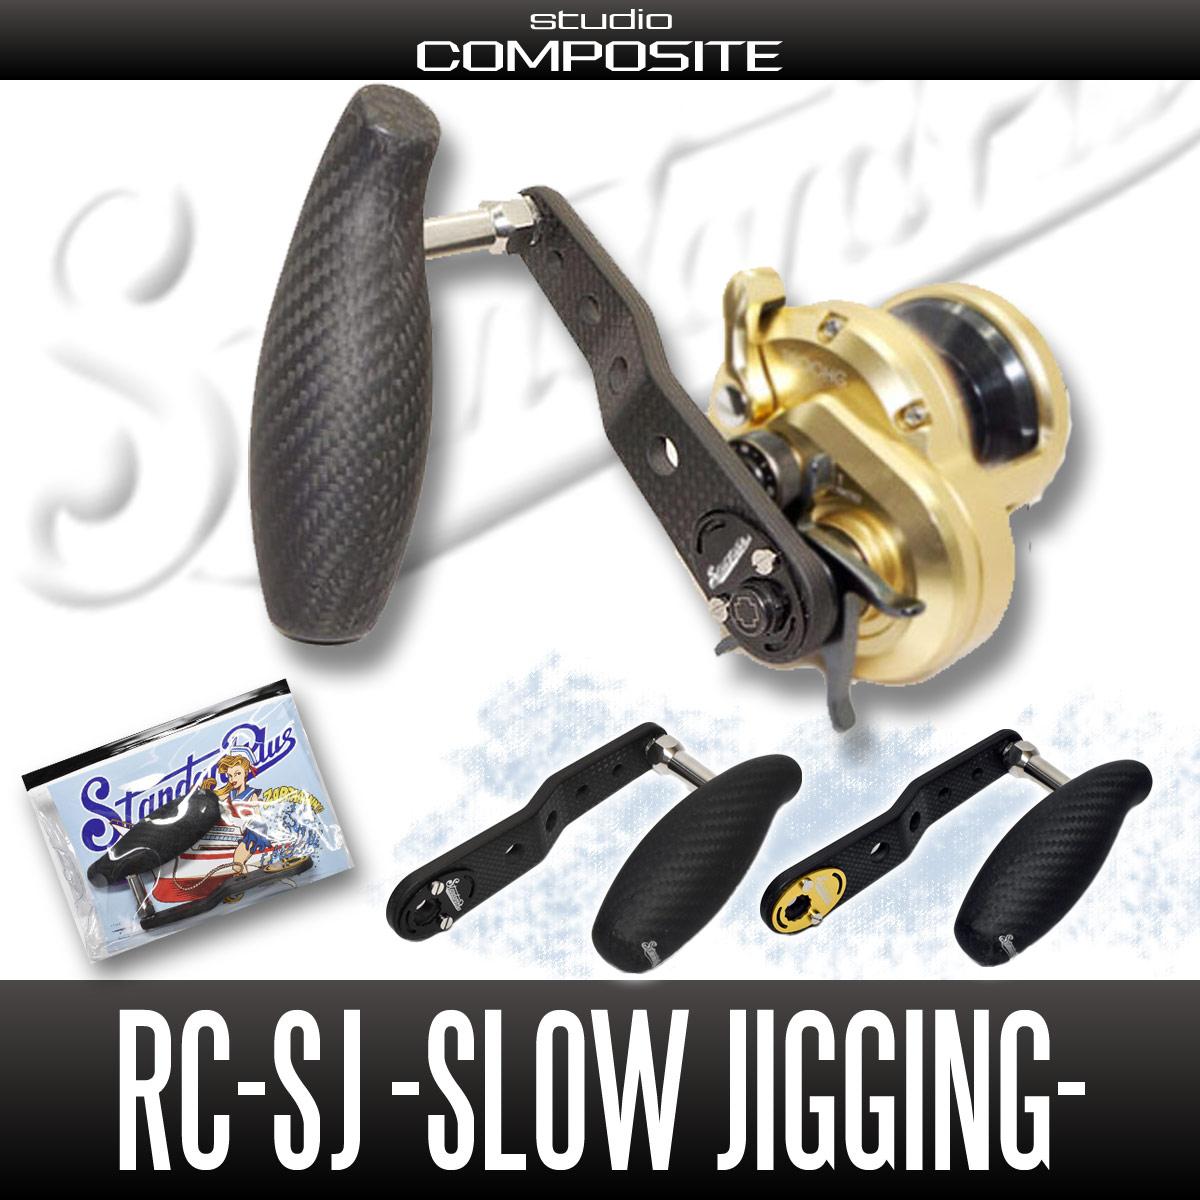 【スタジオコンポジット/スタンダードプラス】 カーボンクランクハンドル RC-SJ スロージギング 【フルカーボンTバーハンドル】 【85-95mm,95-105mm】SC:011